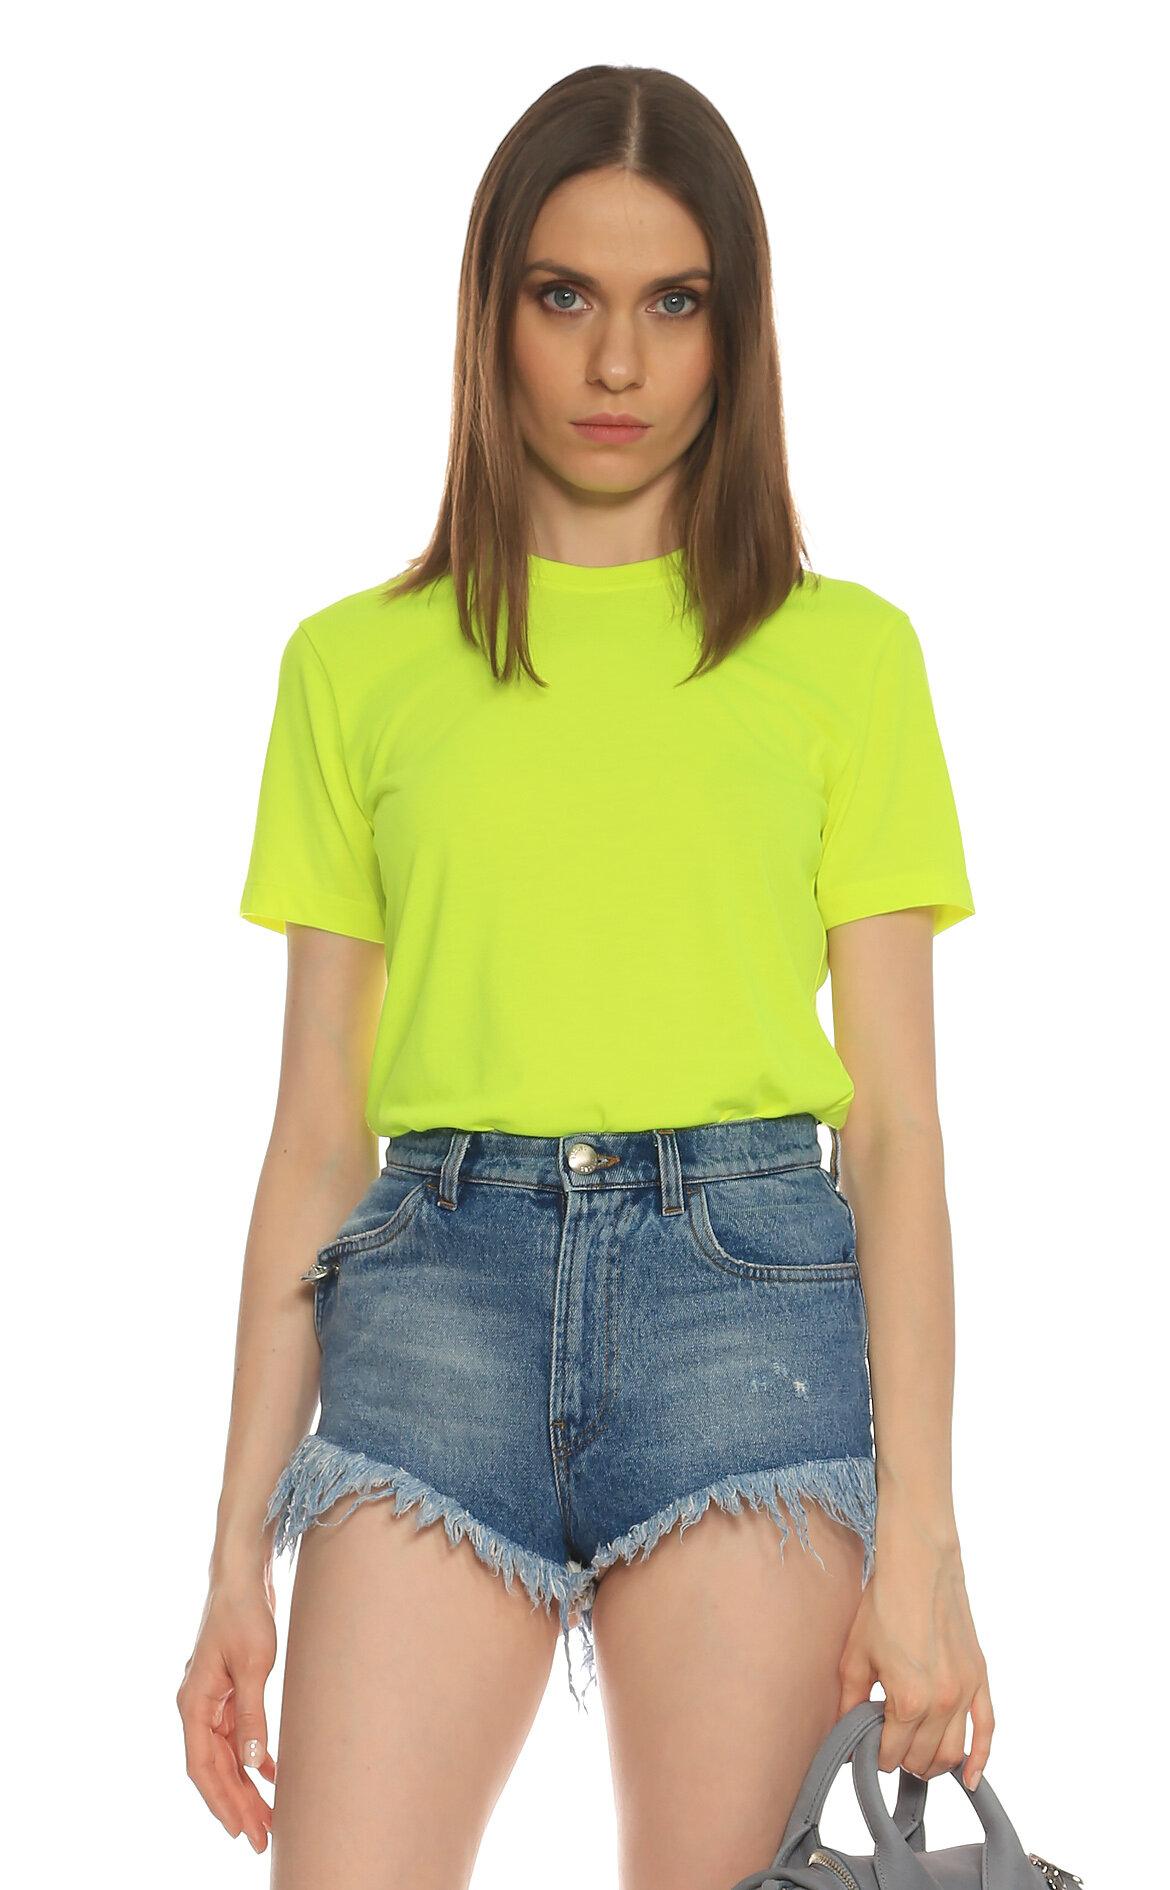 Versus-Versus Neon Yeşil T-Shirt